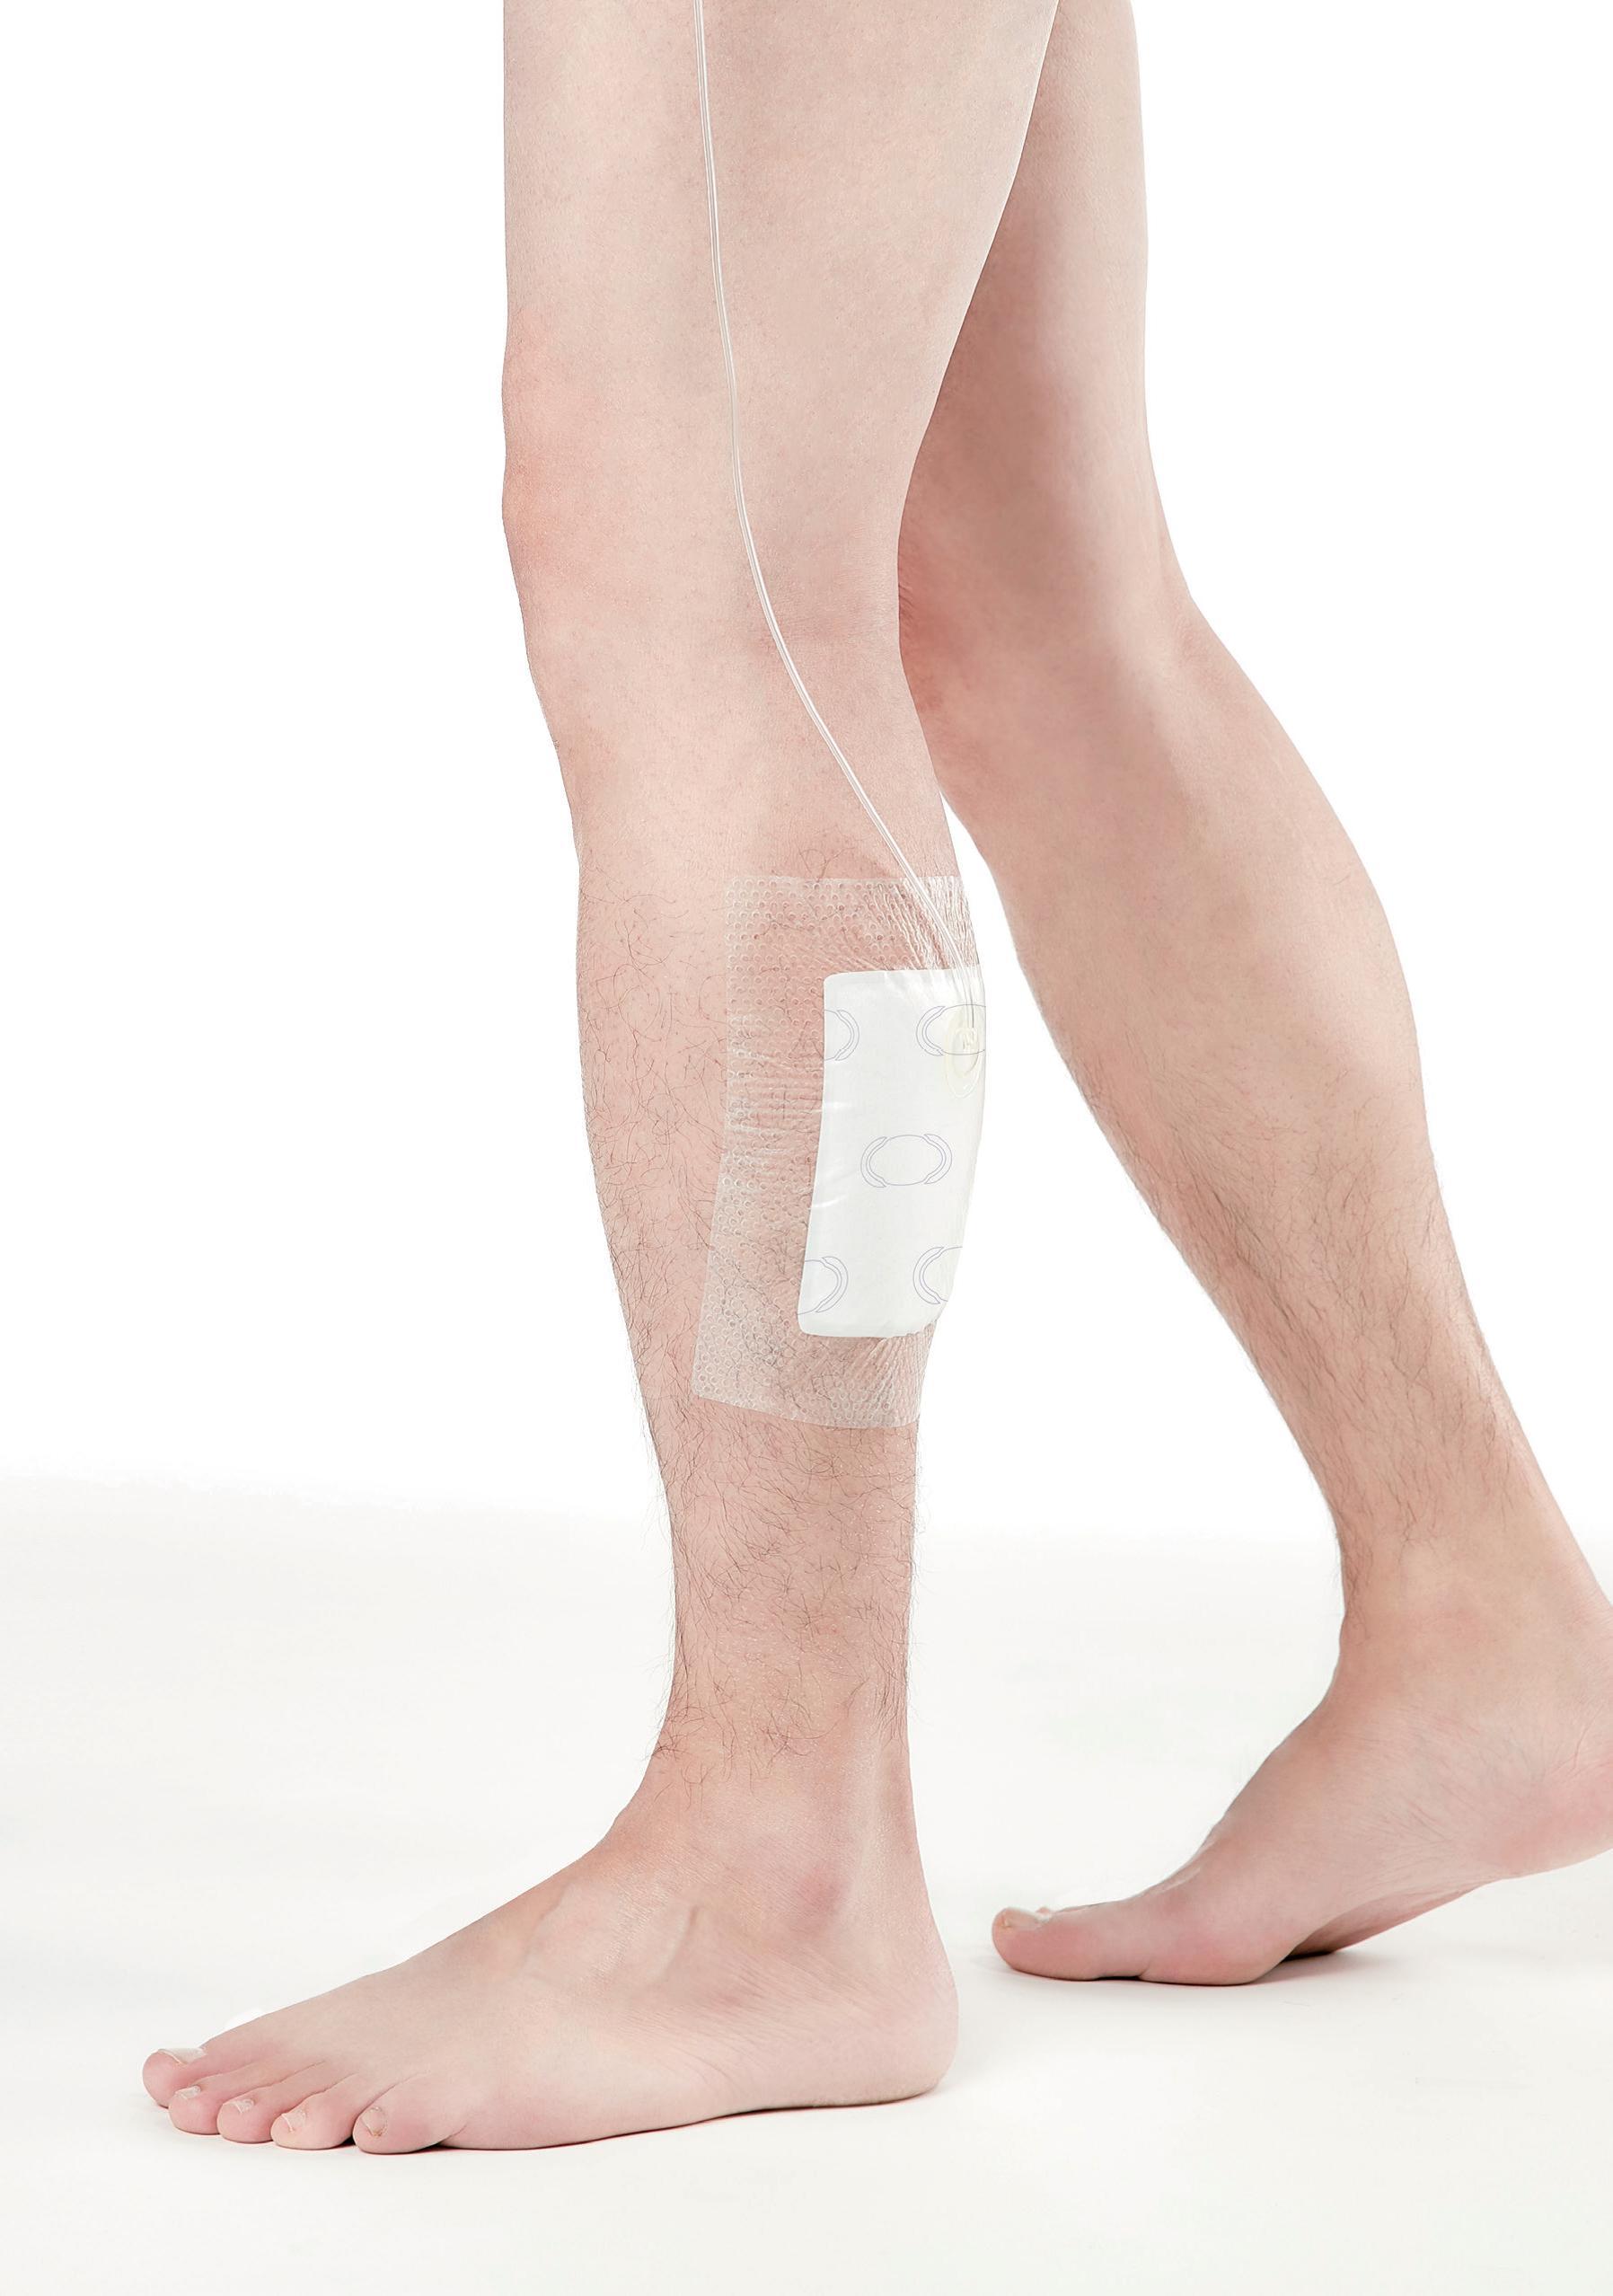 使用SIMO負壓傷口治療系統, 不需要攜帶集液瓶,不影響行動便利性